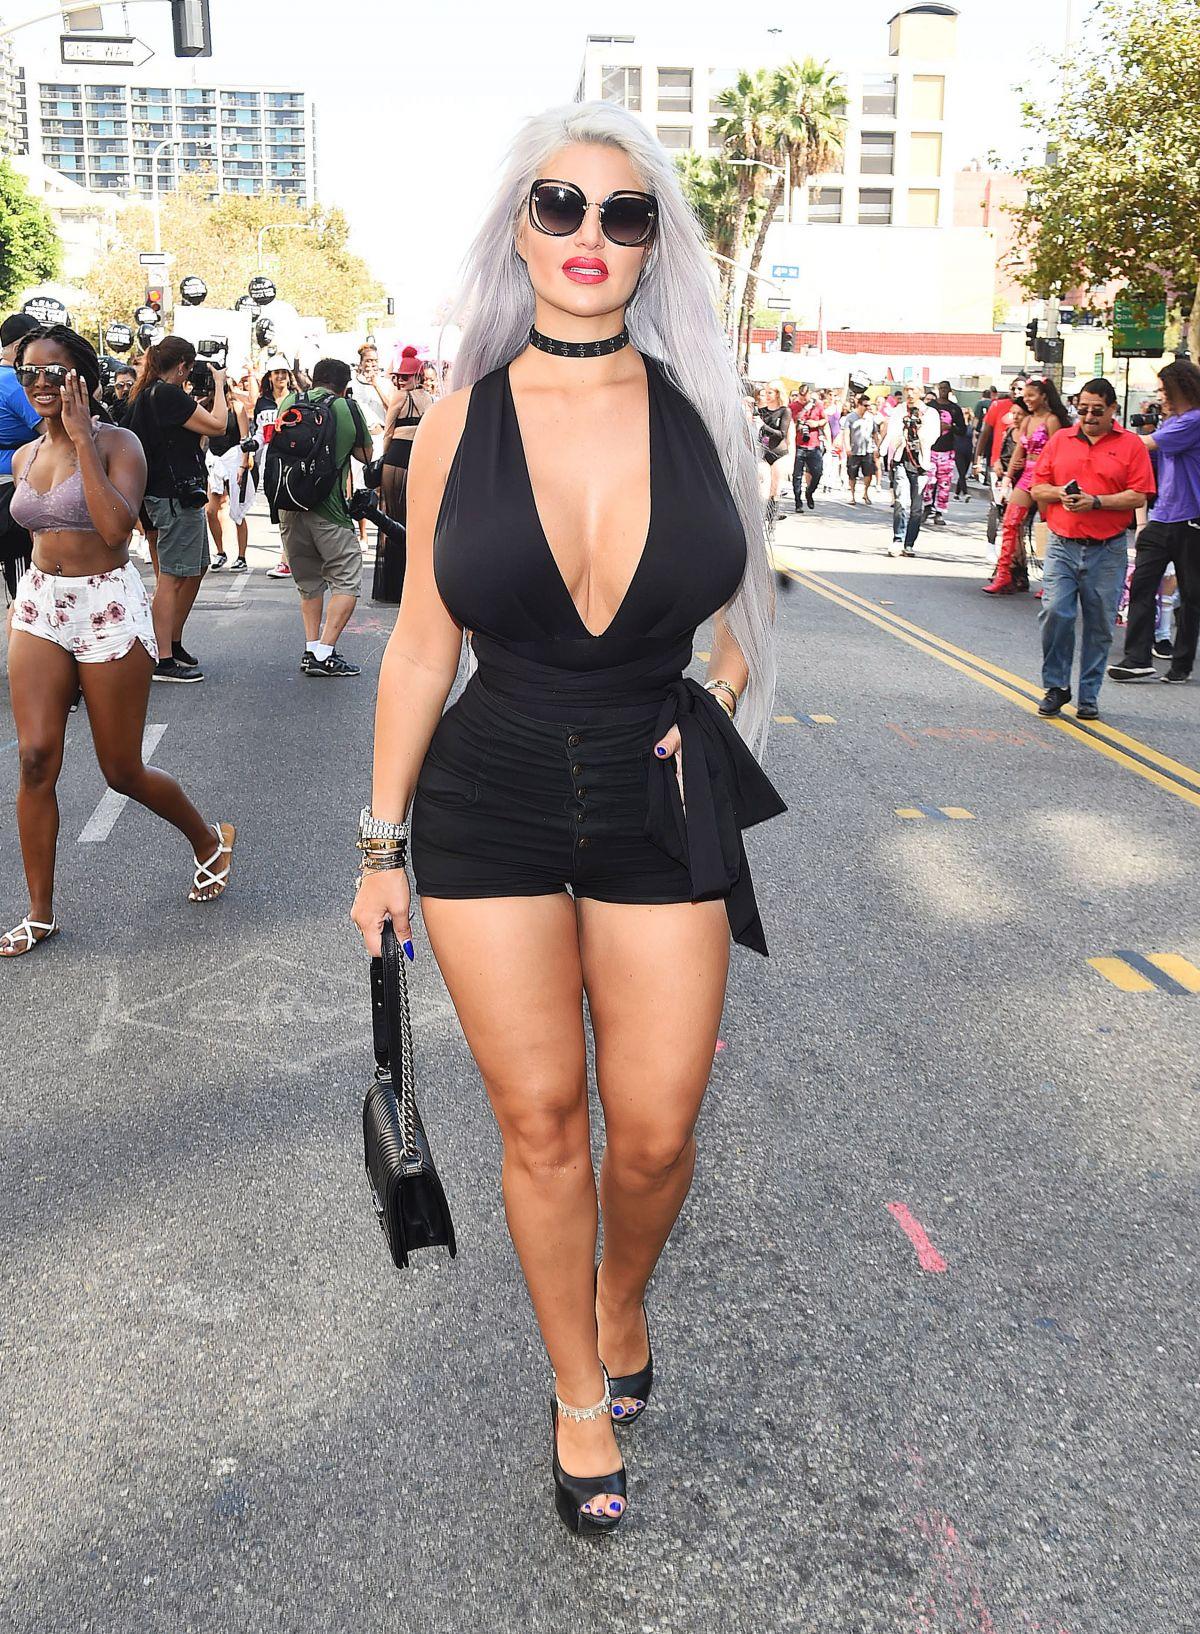 Sophia Vegas Porno